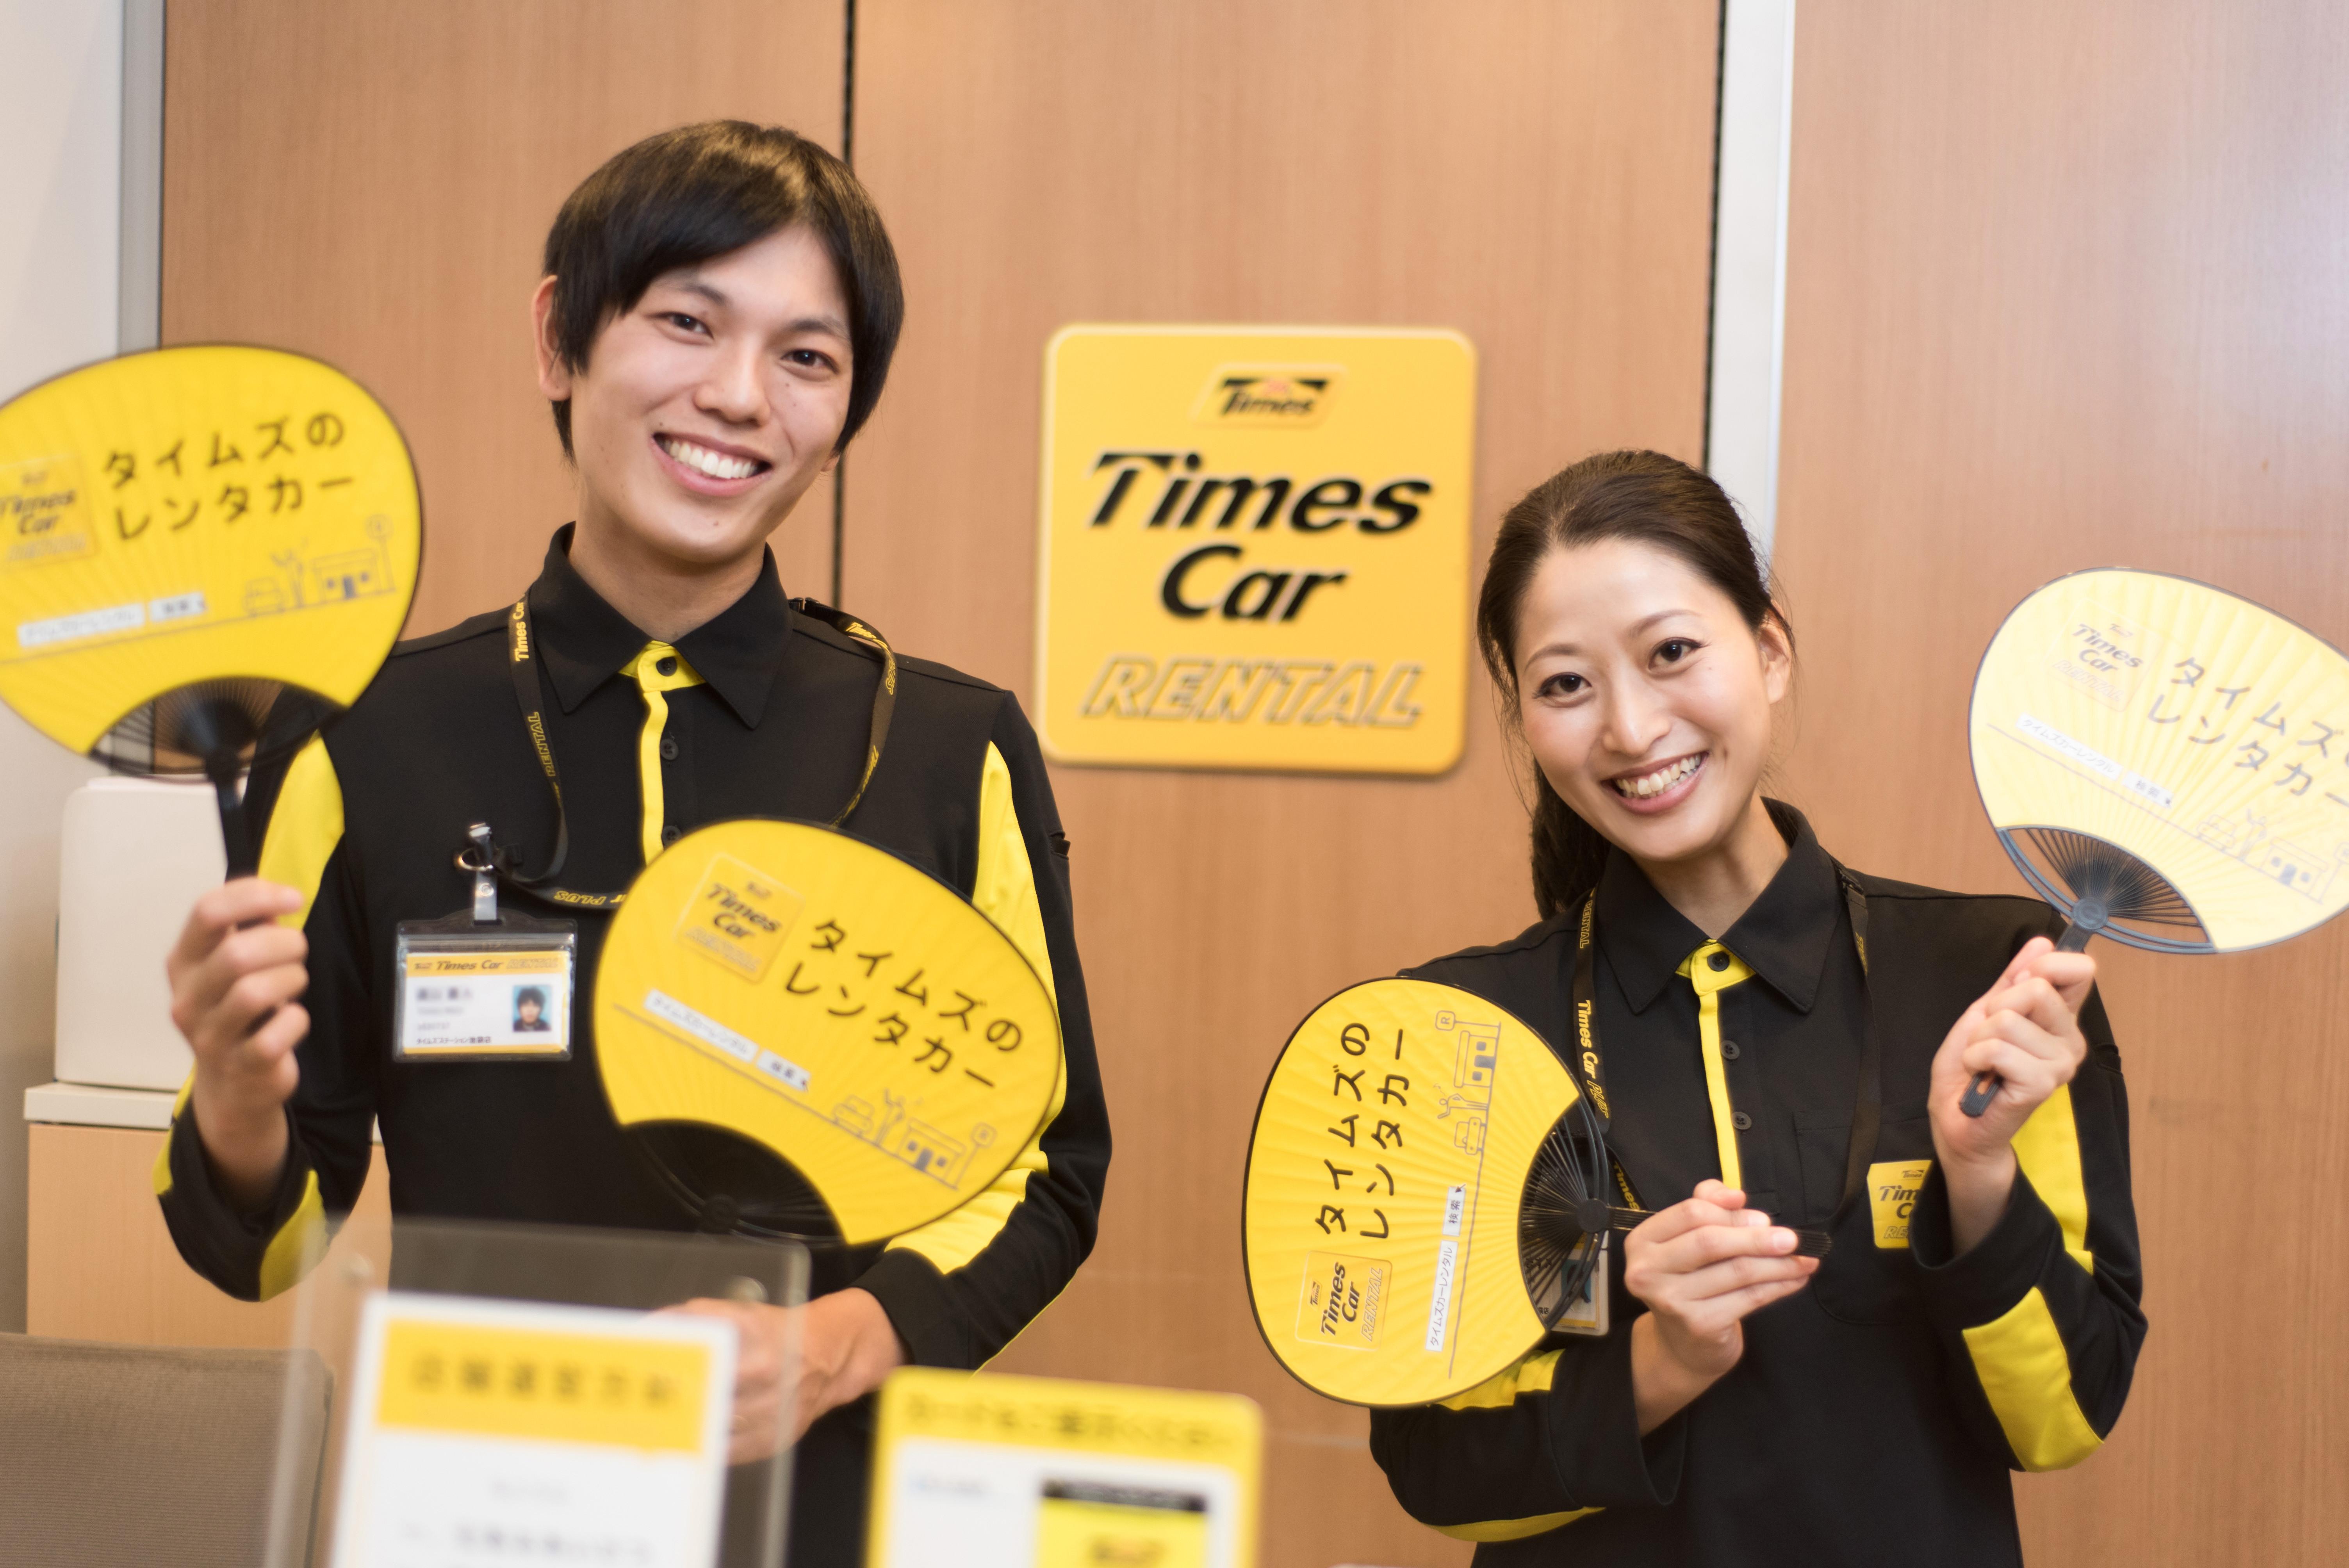 タイムズカーレンタル 土橋店 のアルバイト情報